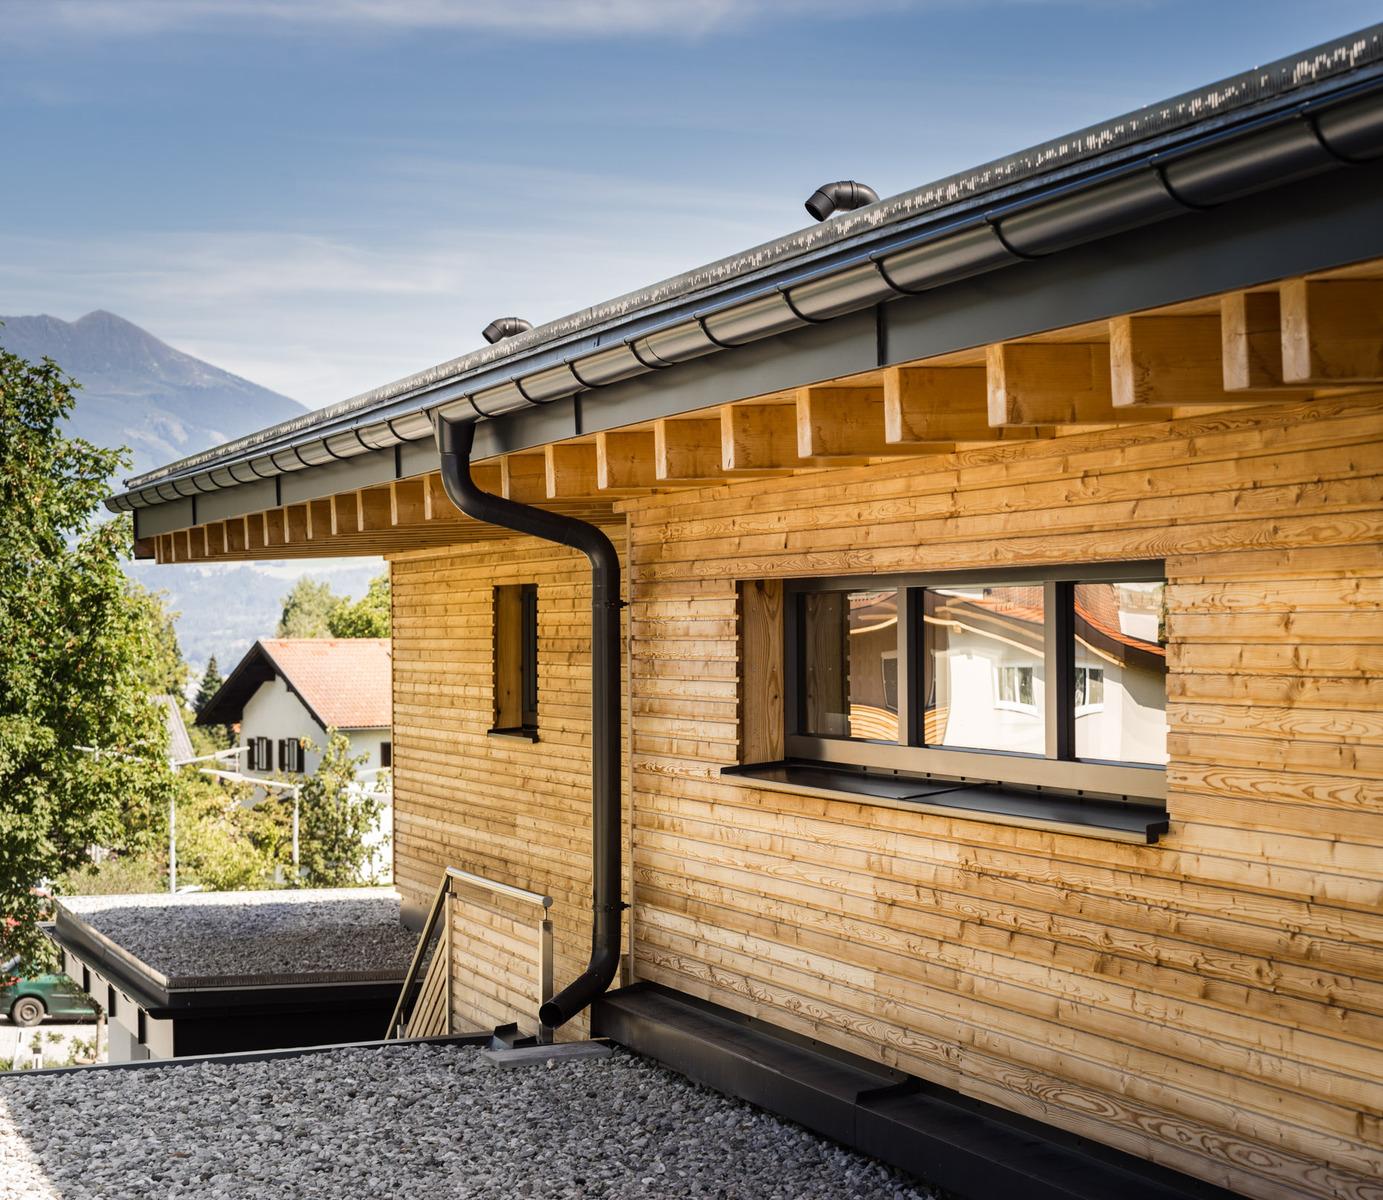 Massivholzhaus Bauen / Bau Tiroler Massivhaus Aus Holz